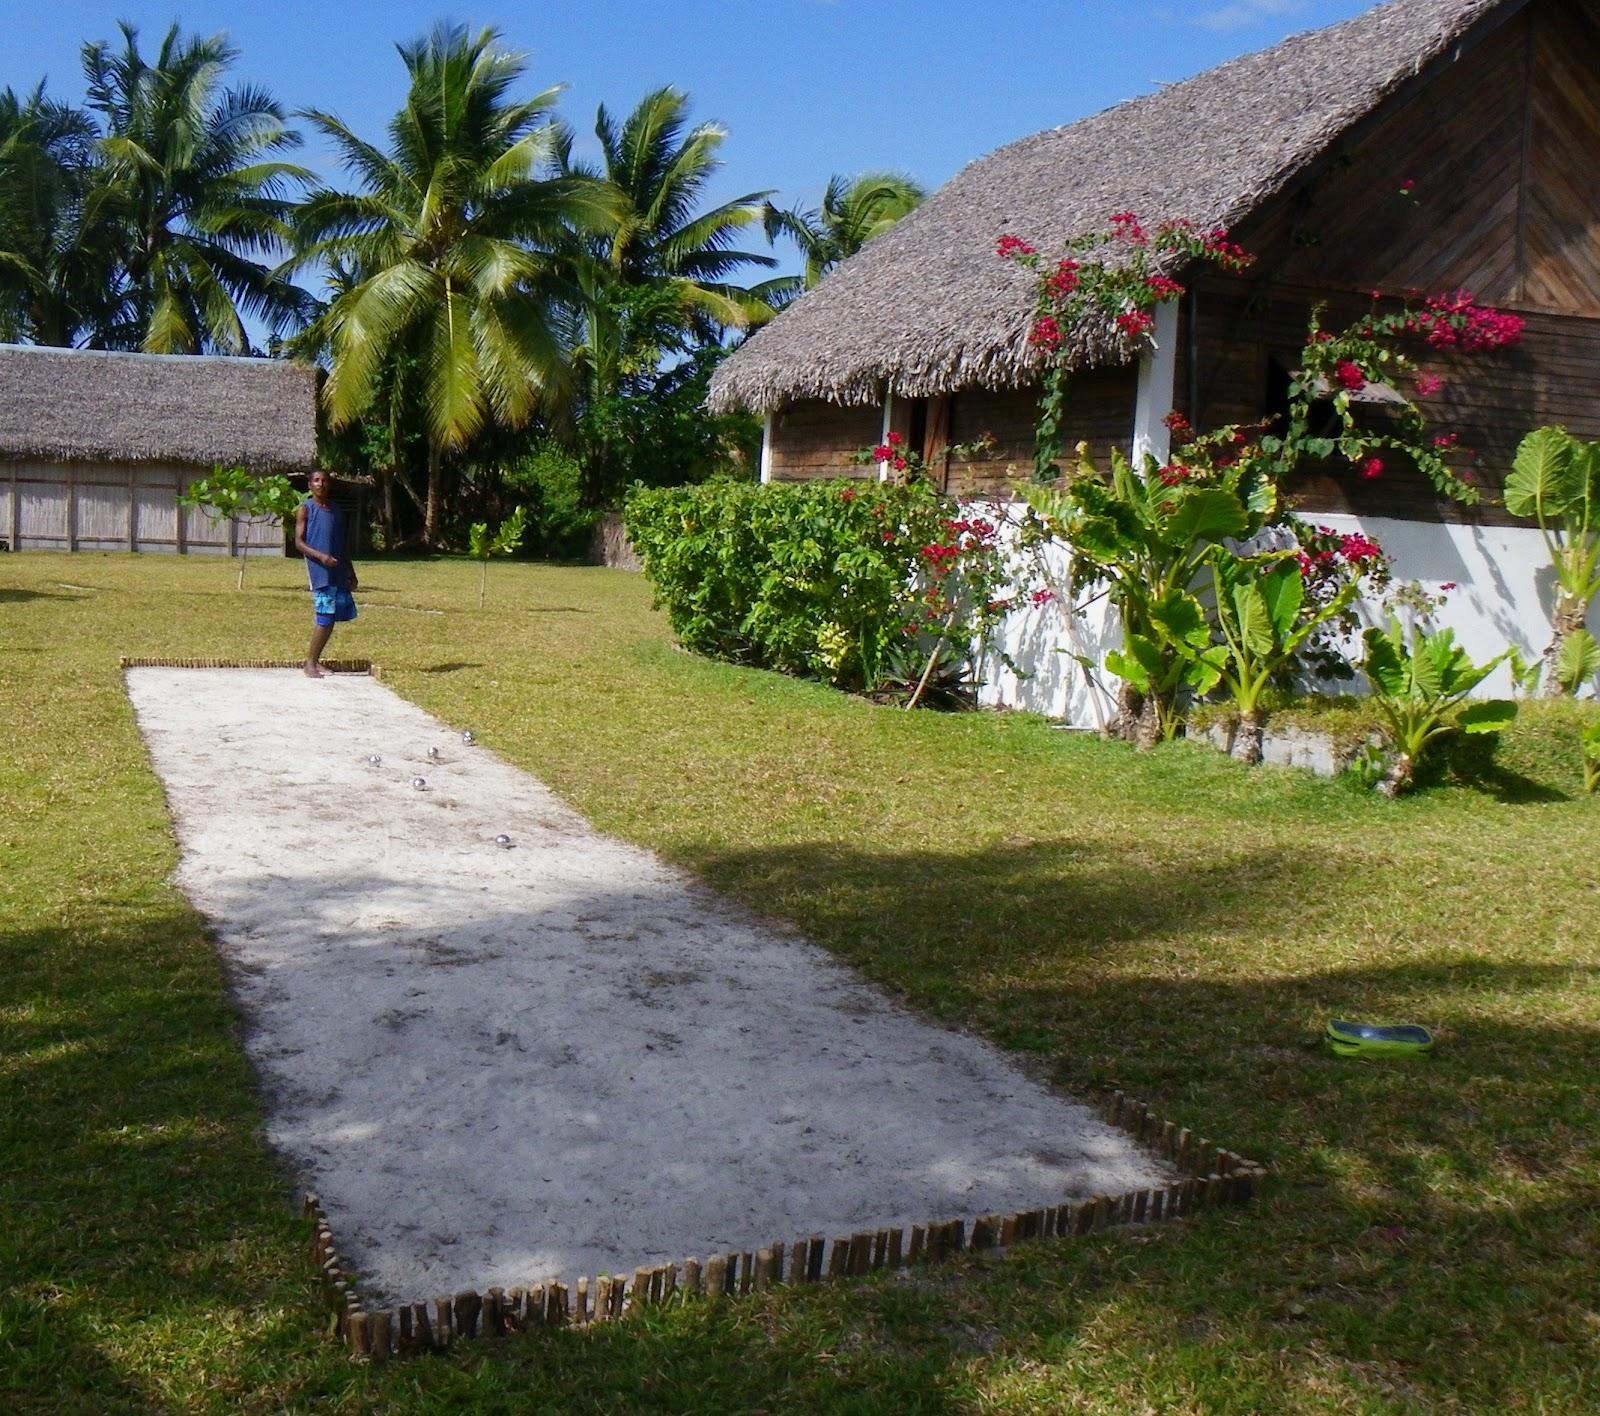 Location madagascar ile aux nattes for Terrain de petanque dans son jardin